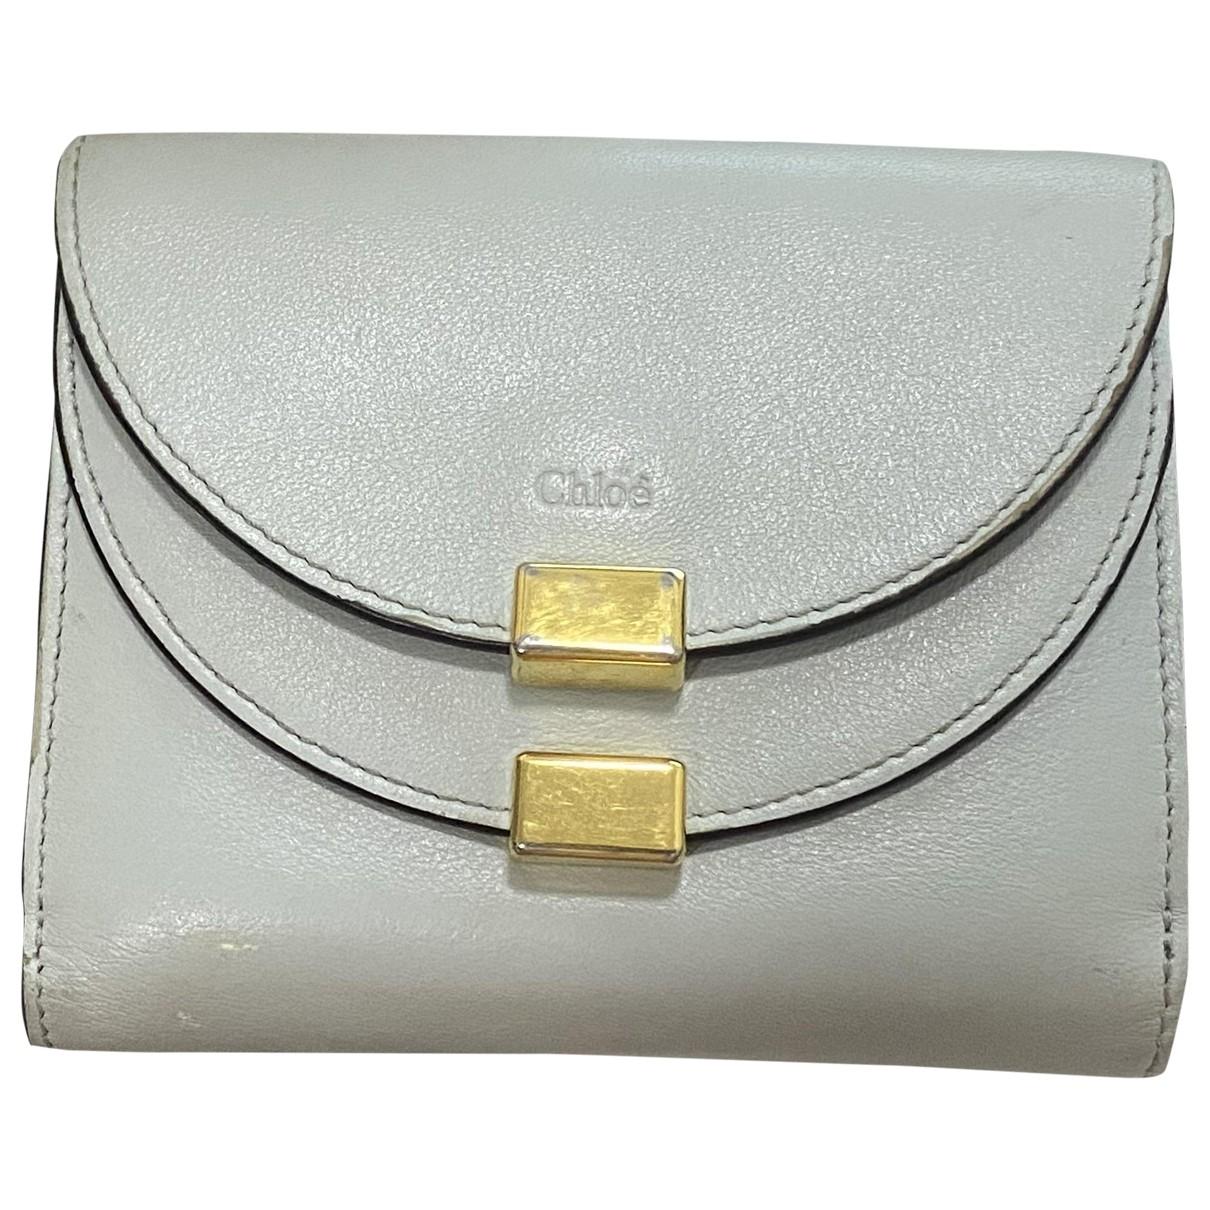 Chloe \N Portemonnaie in  Grau Leder